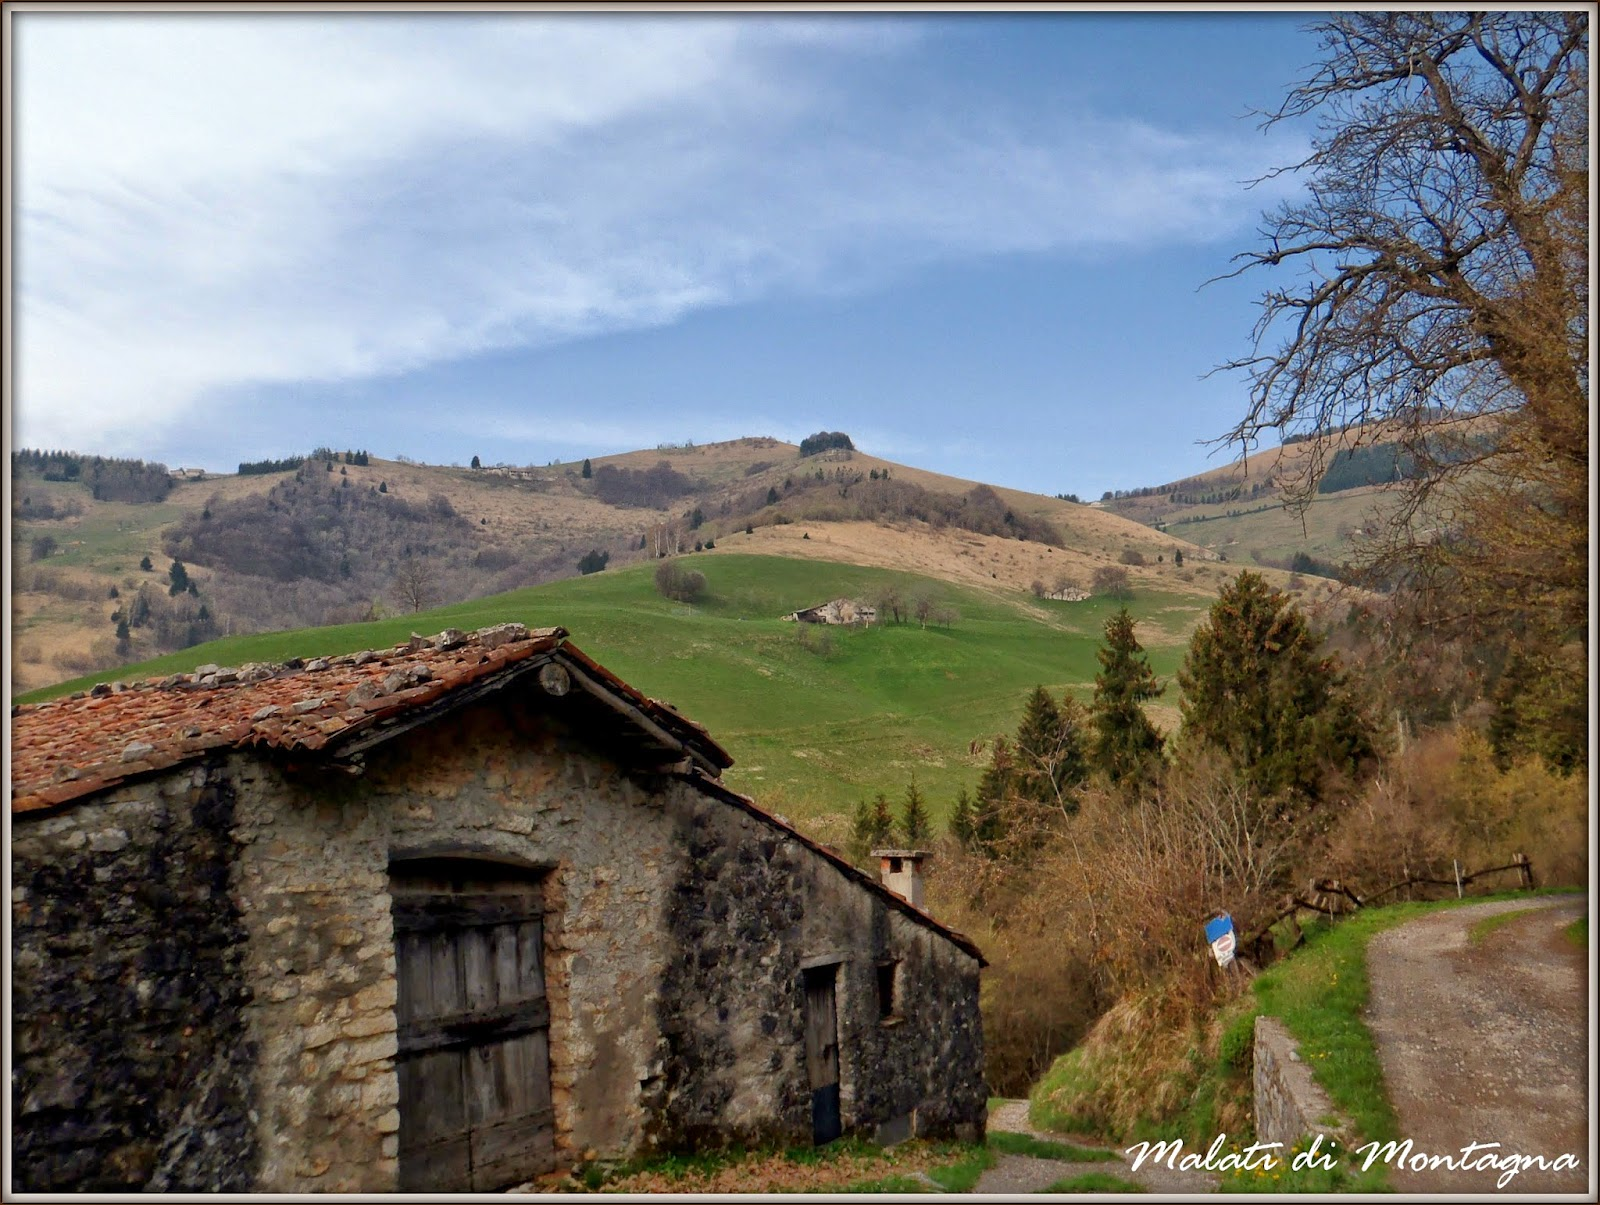 Malati di montagna al torrezzo tra il lago di endine e il lago d 39 iseo - Riscaldare velocemente casa montagna ...